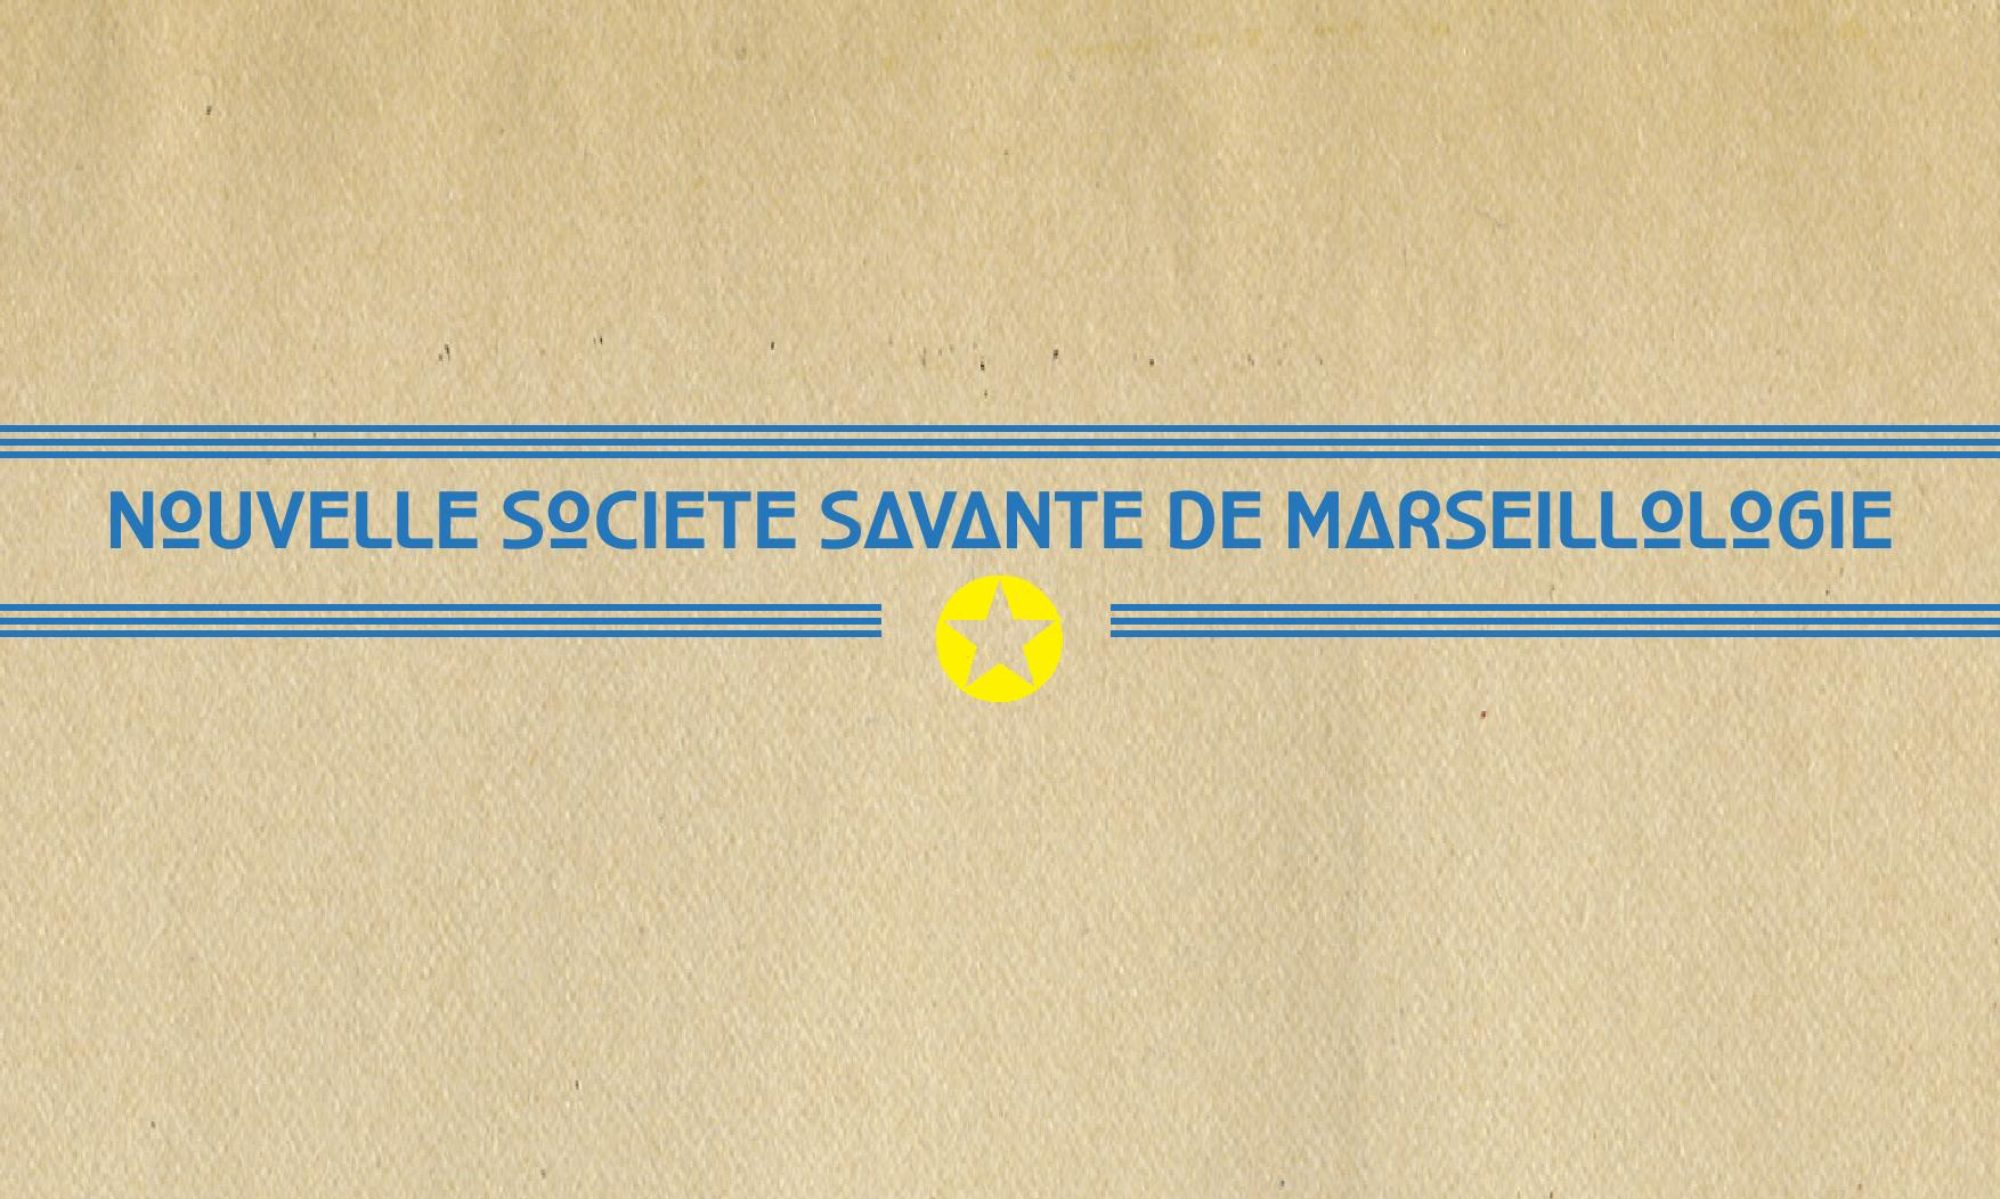 Marseillologie